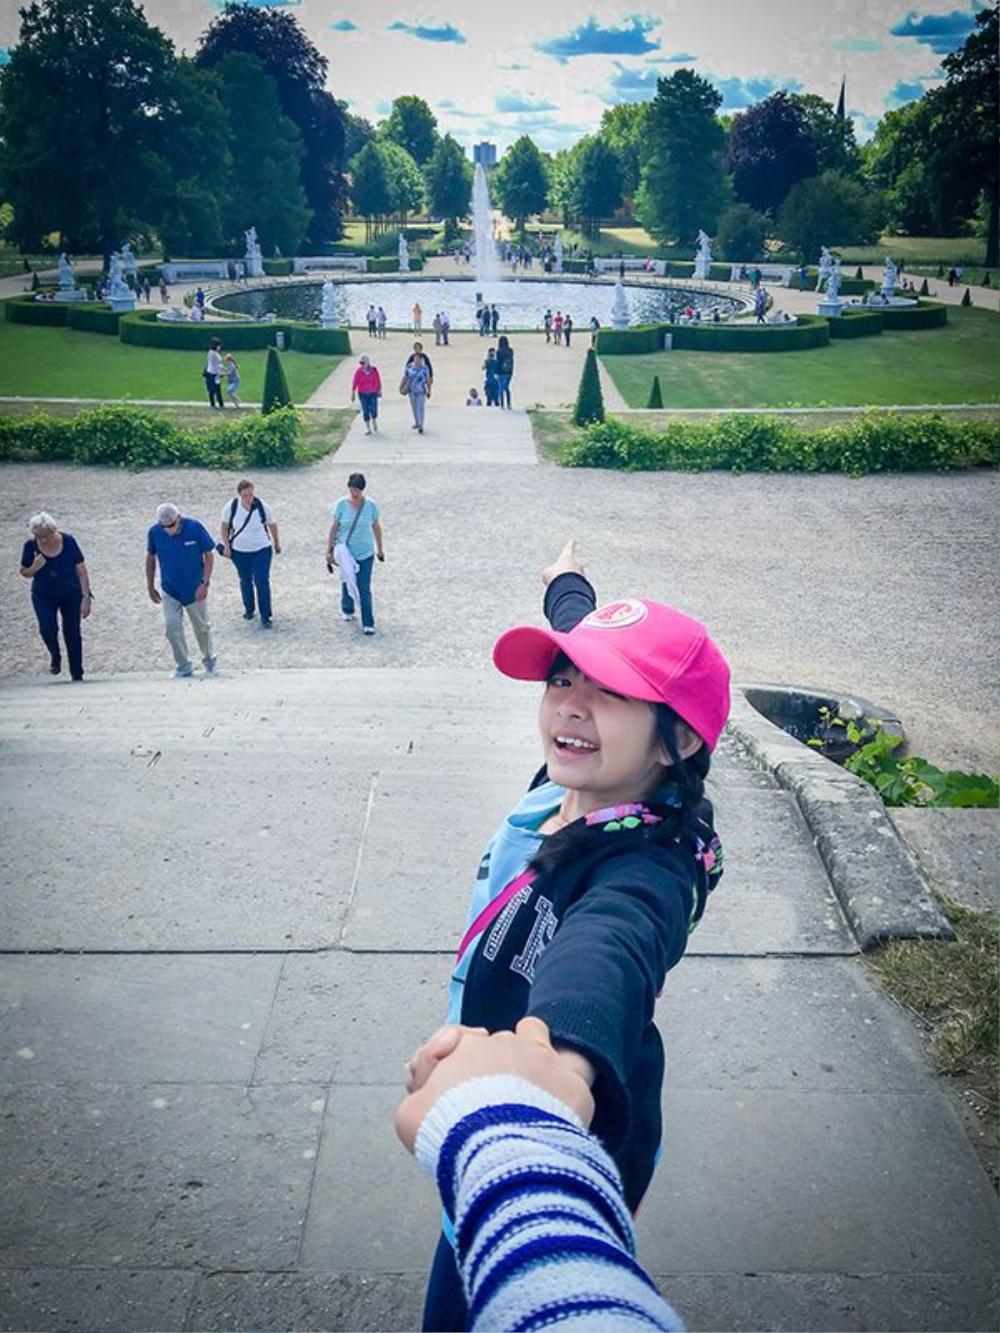 Hay ở vườn hoa trong cung điện Sanssouci, bé Bông đều rất hào hứng.